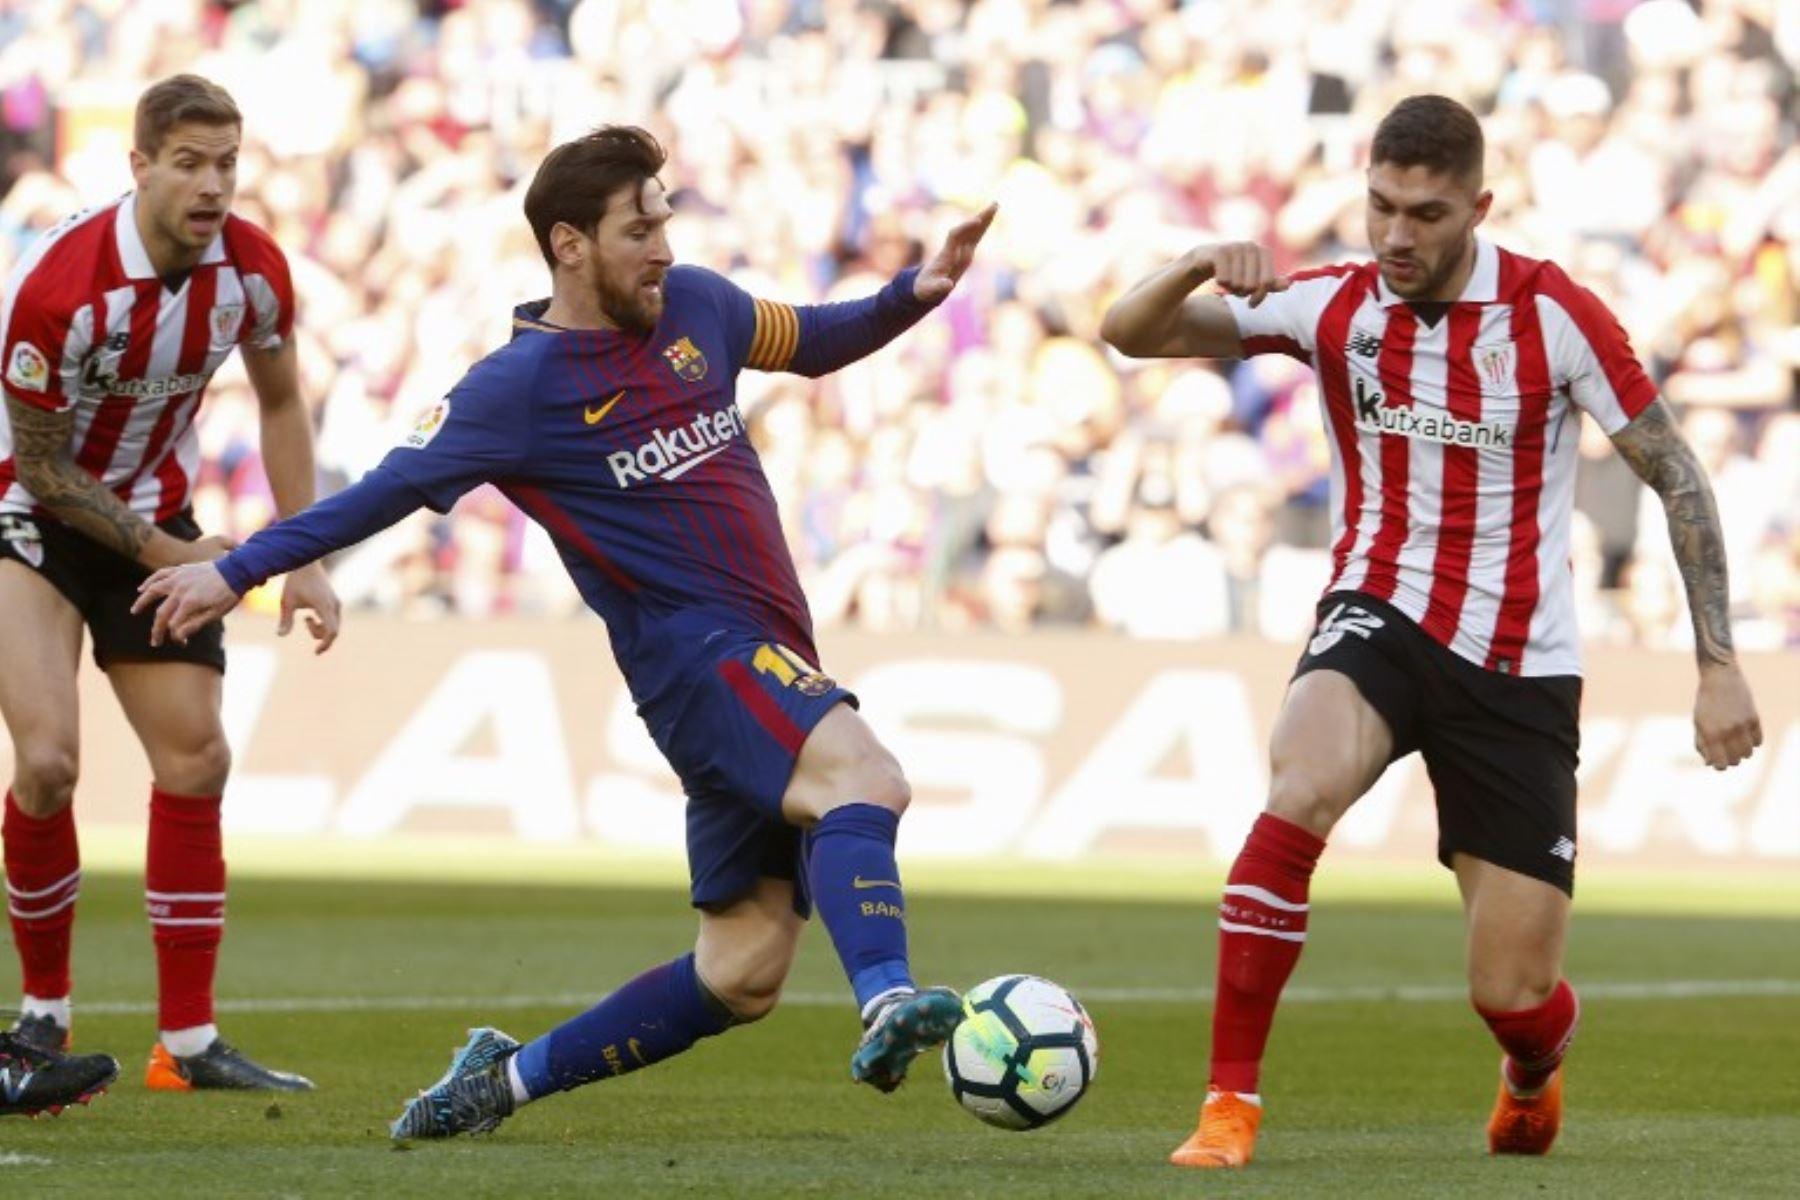 El delantero argentino Lionel Messi compite con el defensor español del Athletic Bilbao Unai Nunez durante el partido de fútbol de la Liga española.Foto:AFP